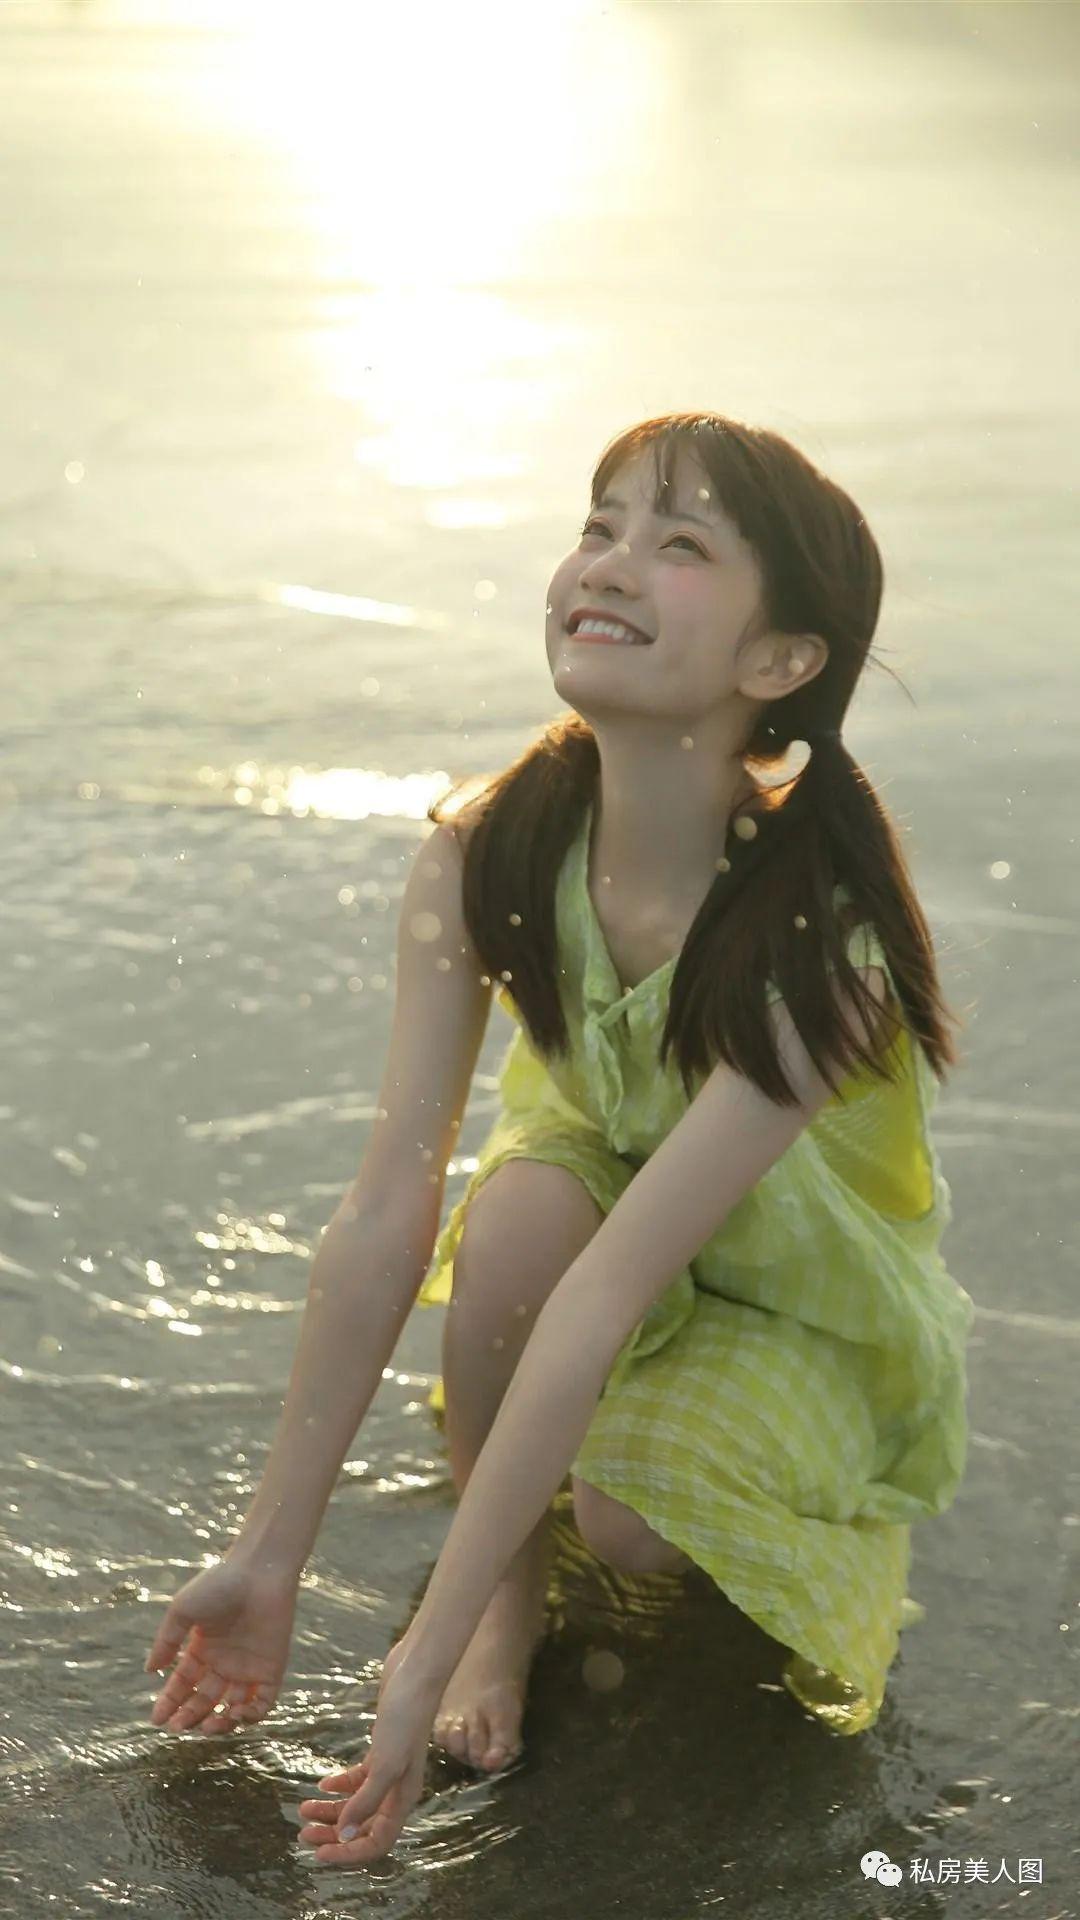 妹子摄影 – 双马尾连衣裙甜美少女的海边日记_图片 No.7